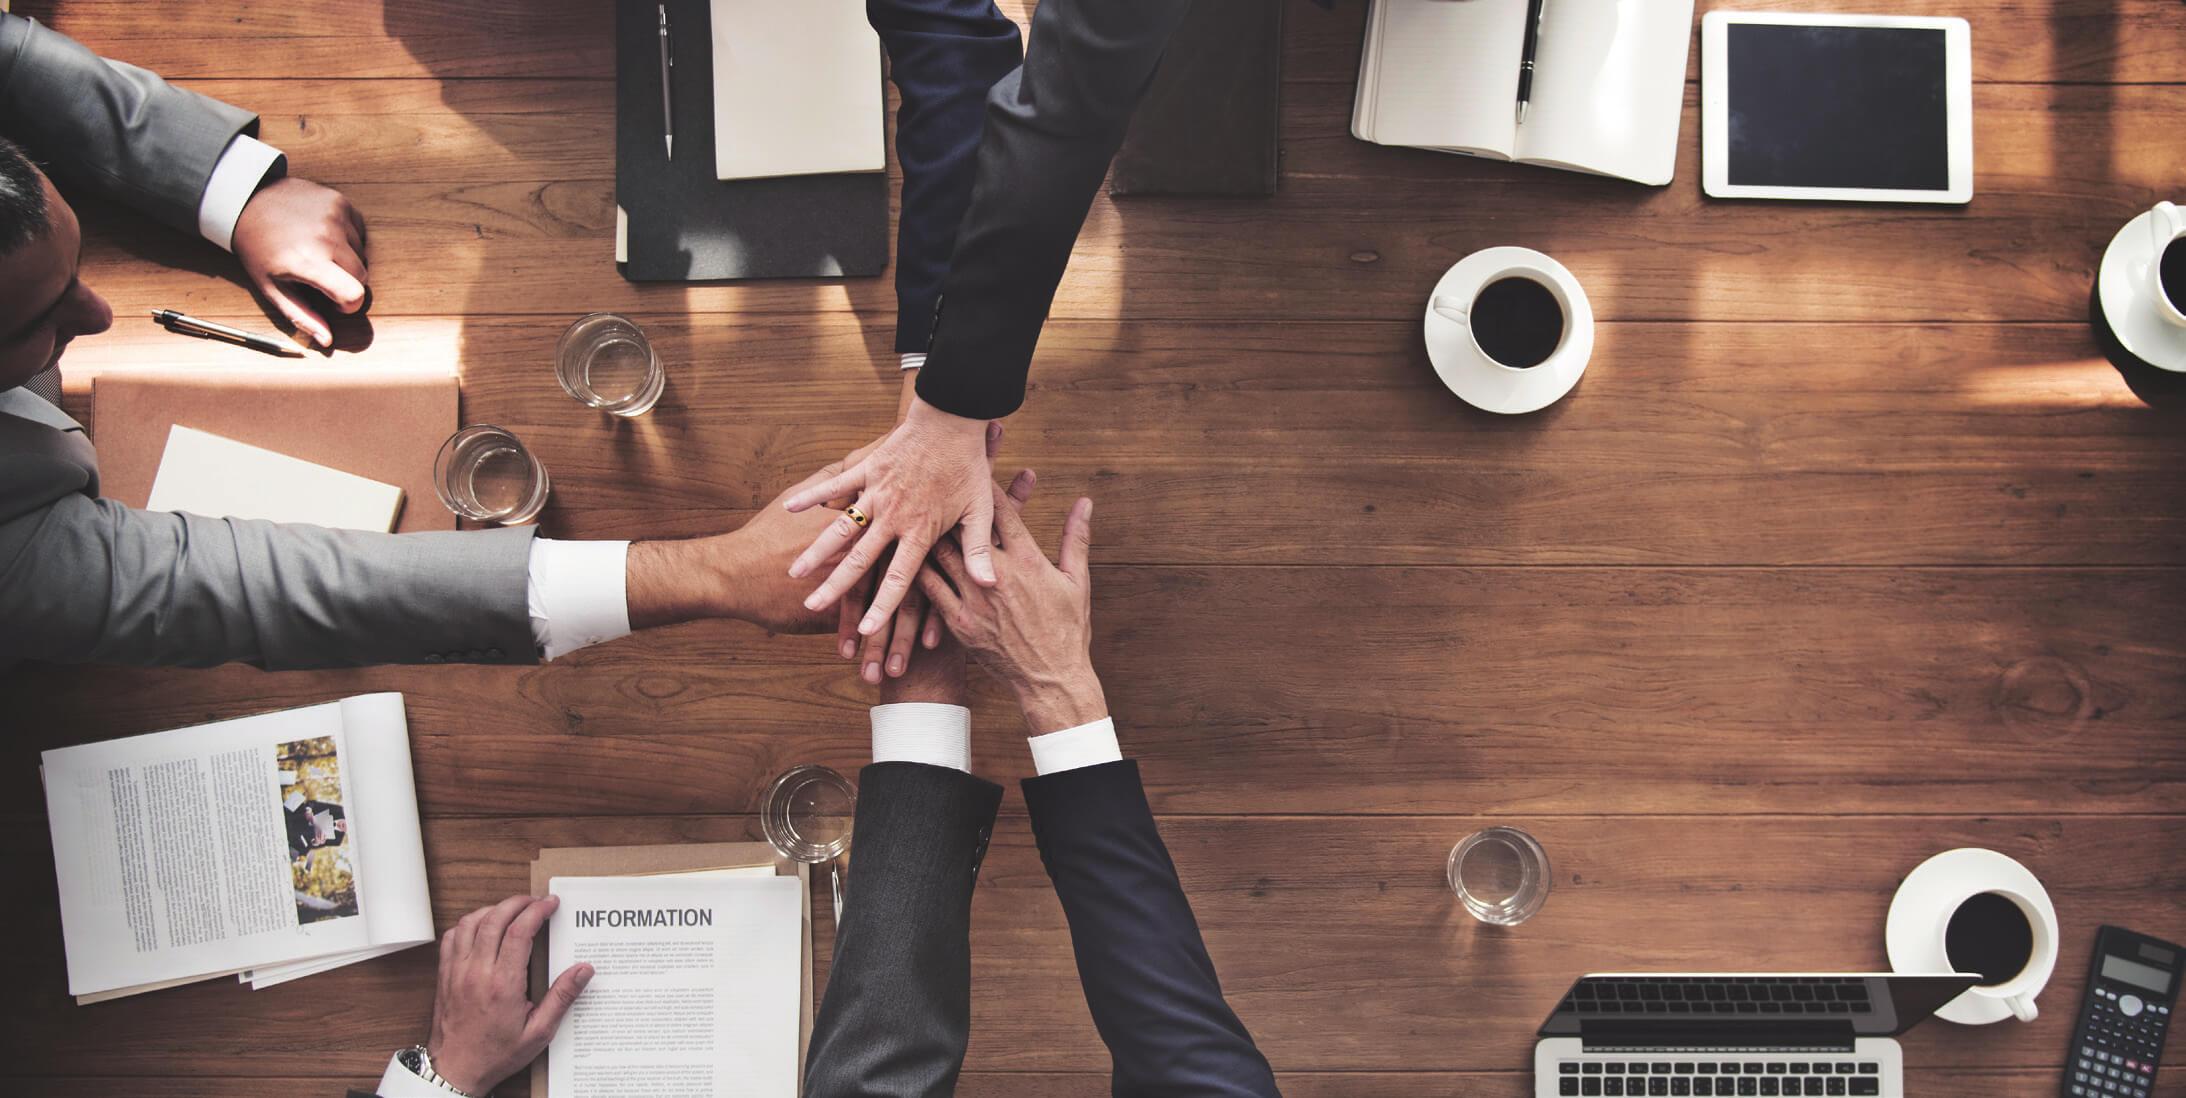 最強のデータ経営:利用拡大と定着化を促進する5つの重要ロールと2つの体制